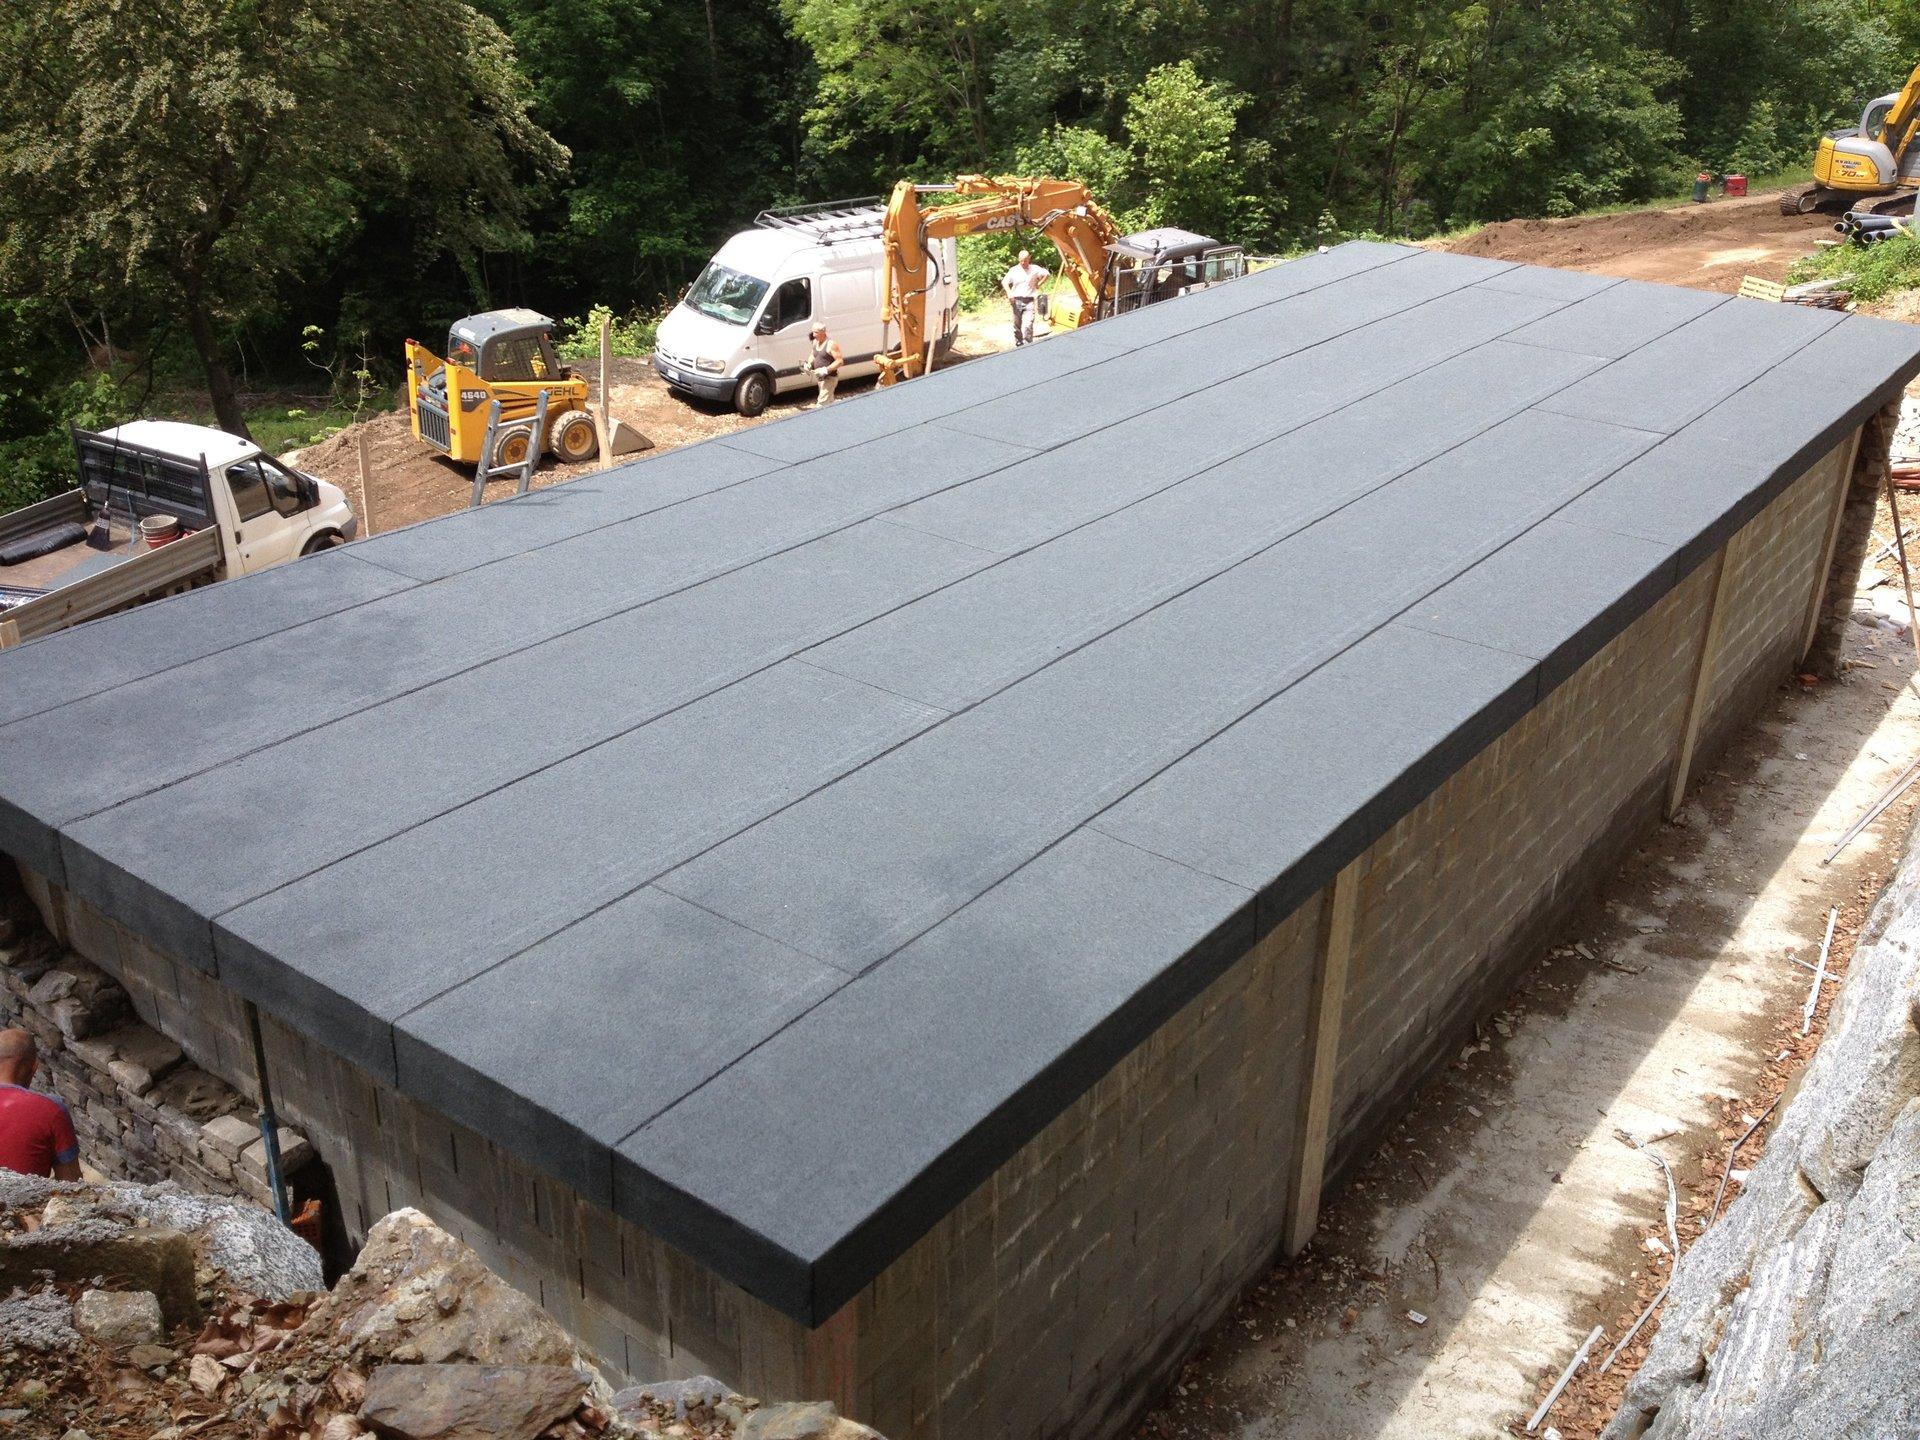 capanno con tetto nuovo